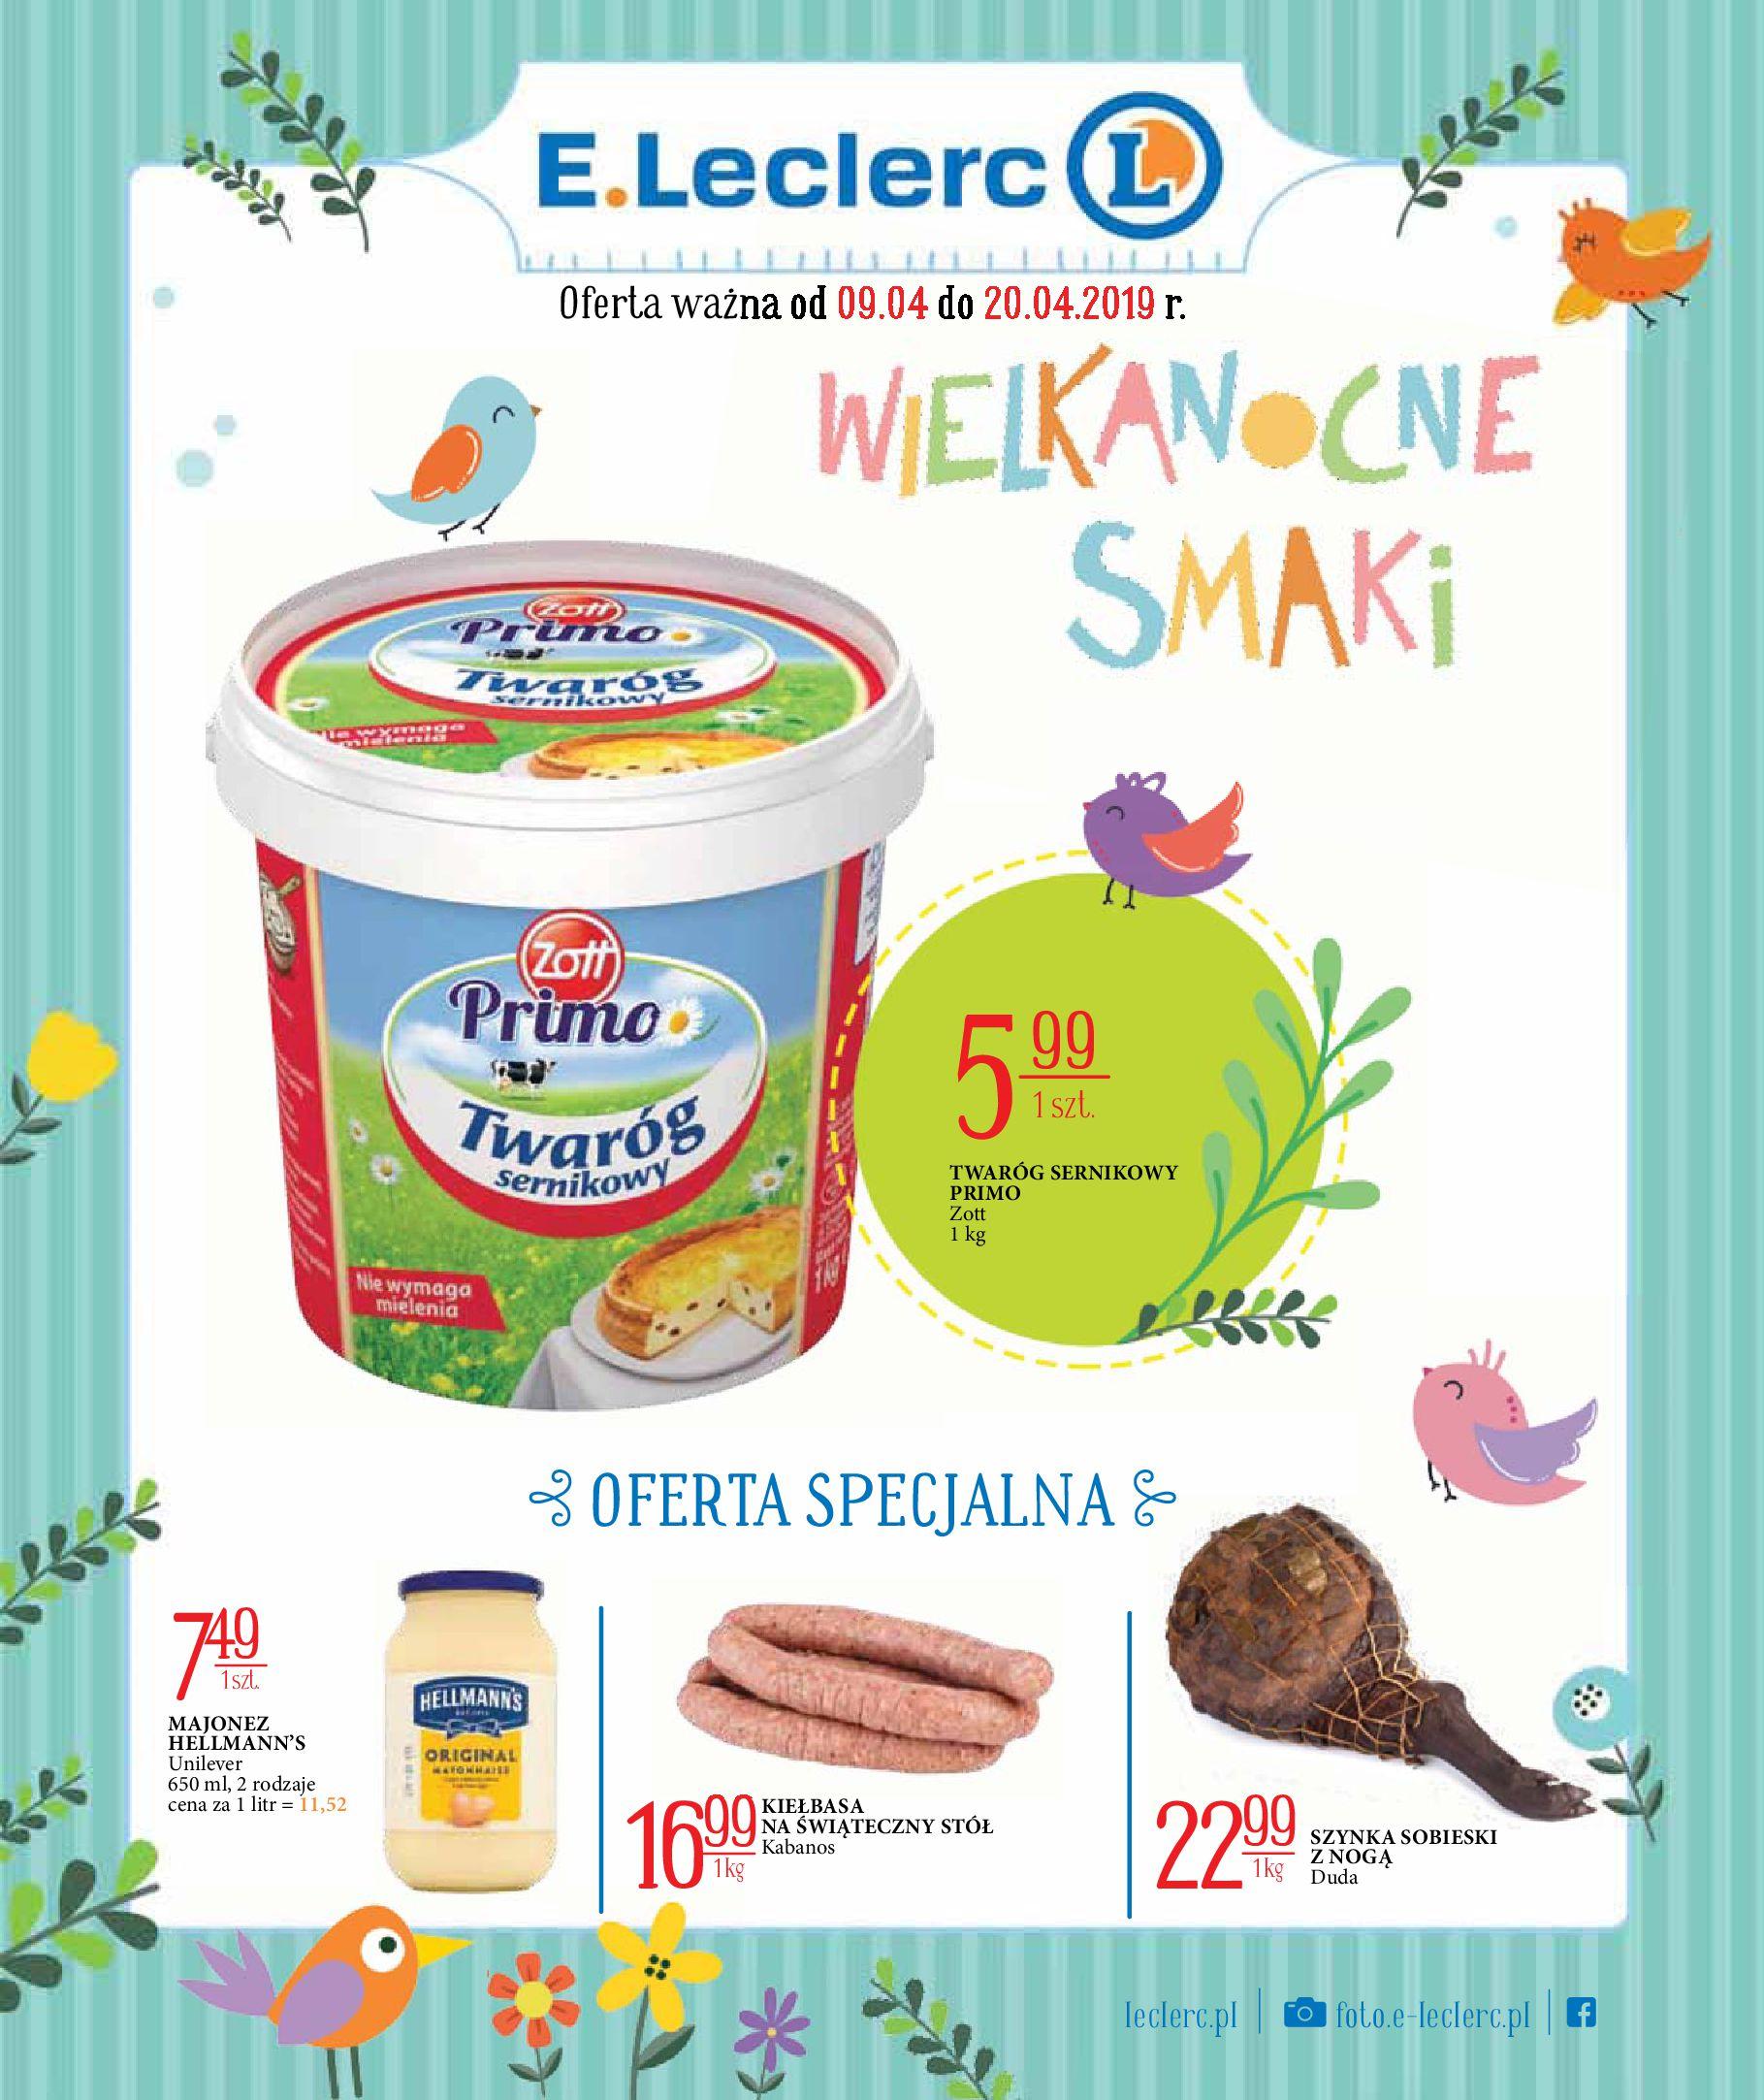 Gazetka E.Leclerc - Wielkanocne smaki-08.04.2019-20.04.2019-page-